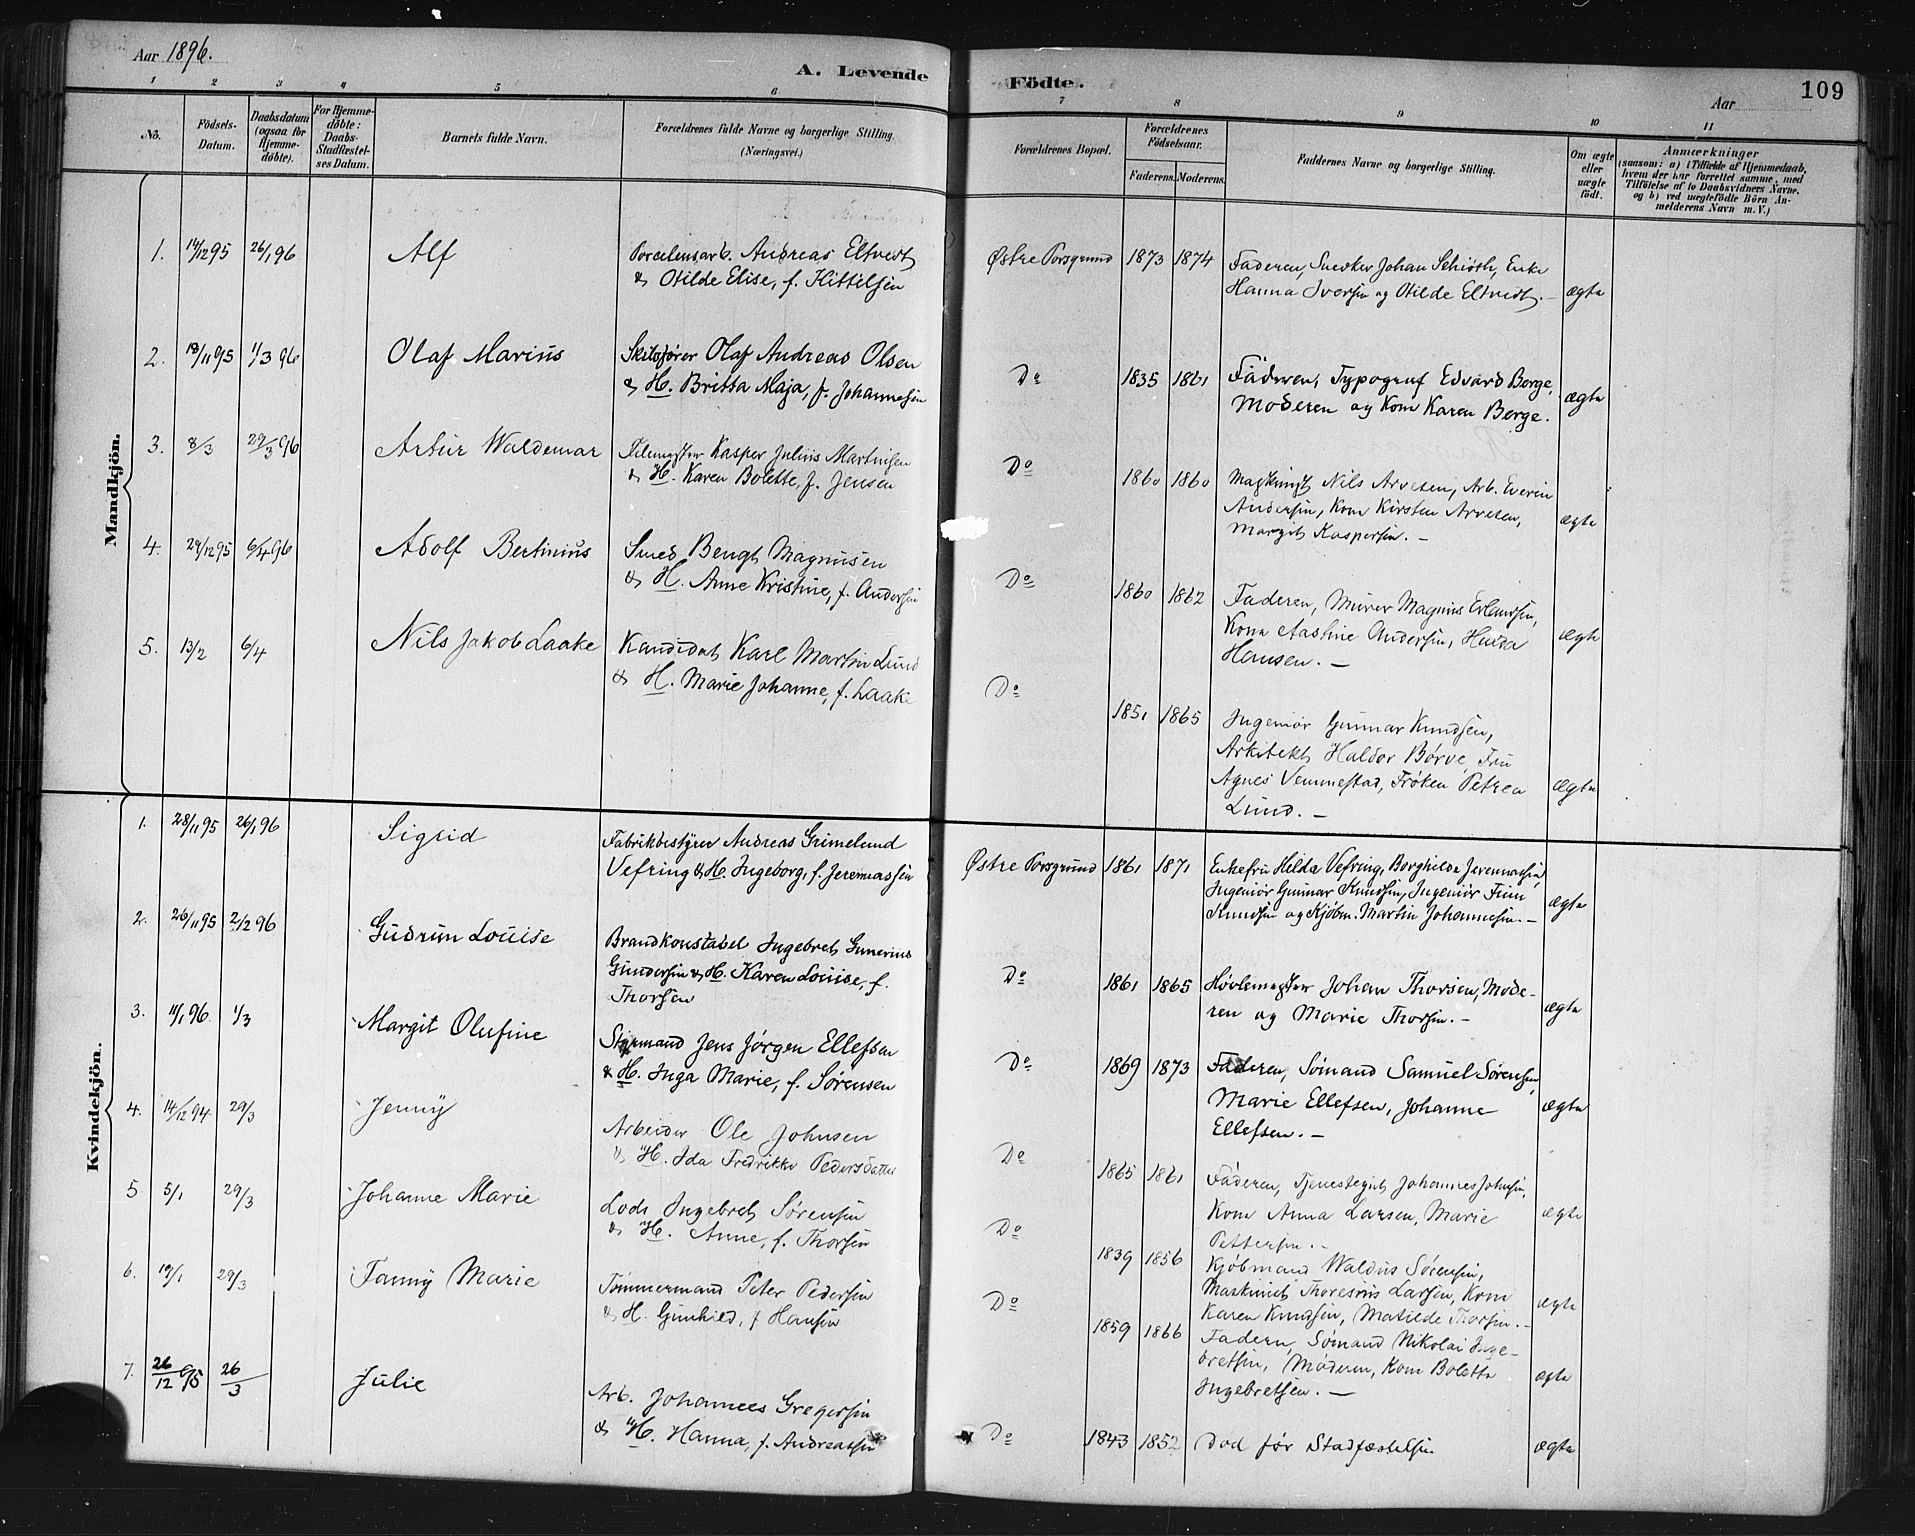 SAKO, Porsgrunn kirkebøker , G/Gb/L0005: Klokkerbok nr. II 5, 1883-1915, s. 109